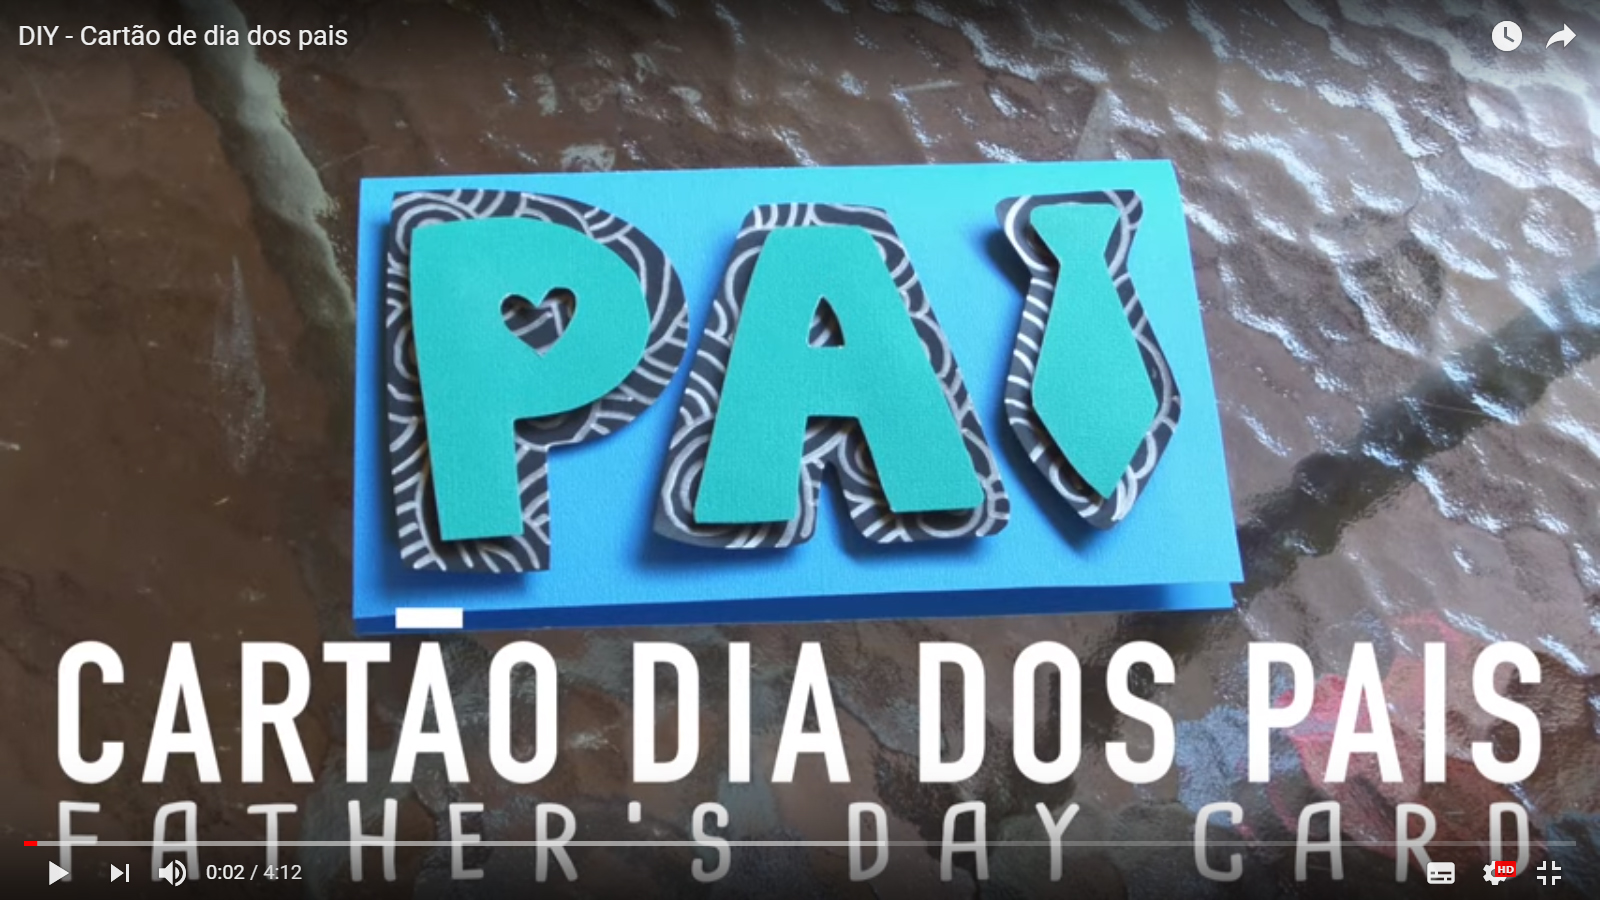 como fazer um cartão do dia dos pais, passo a passo